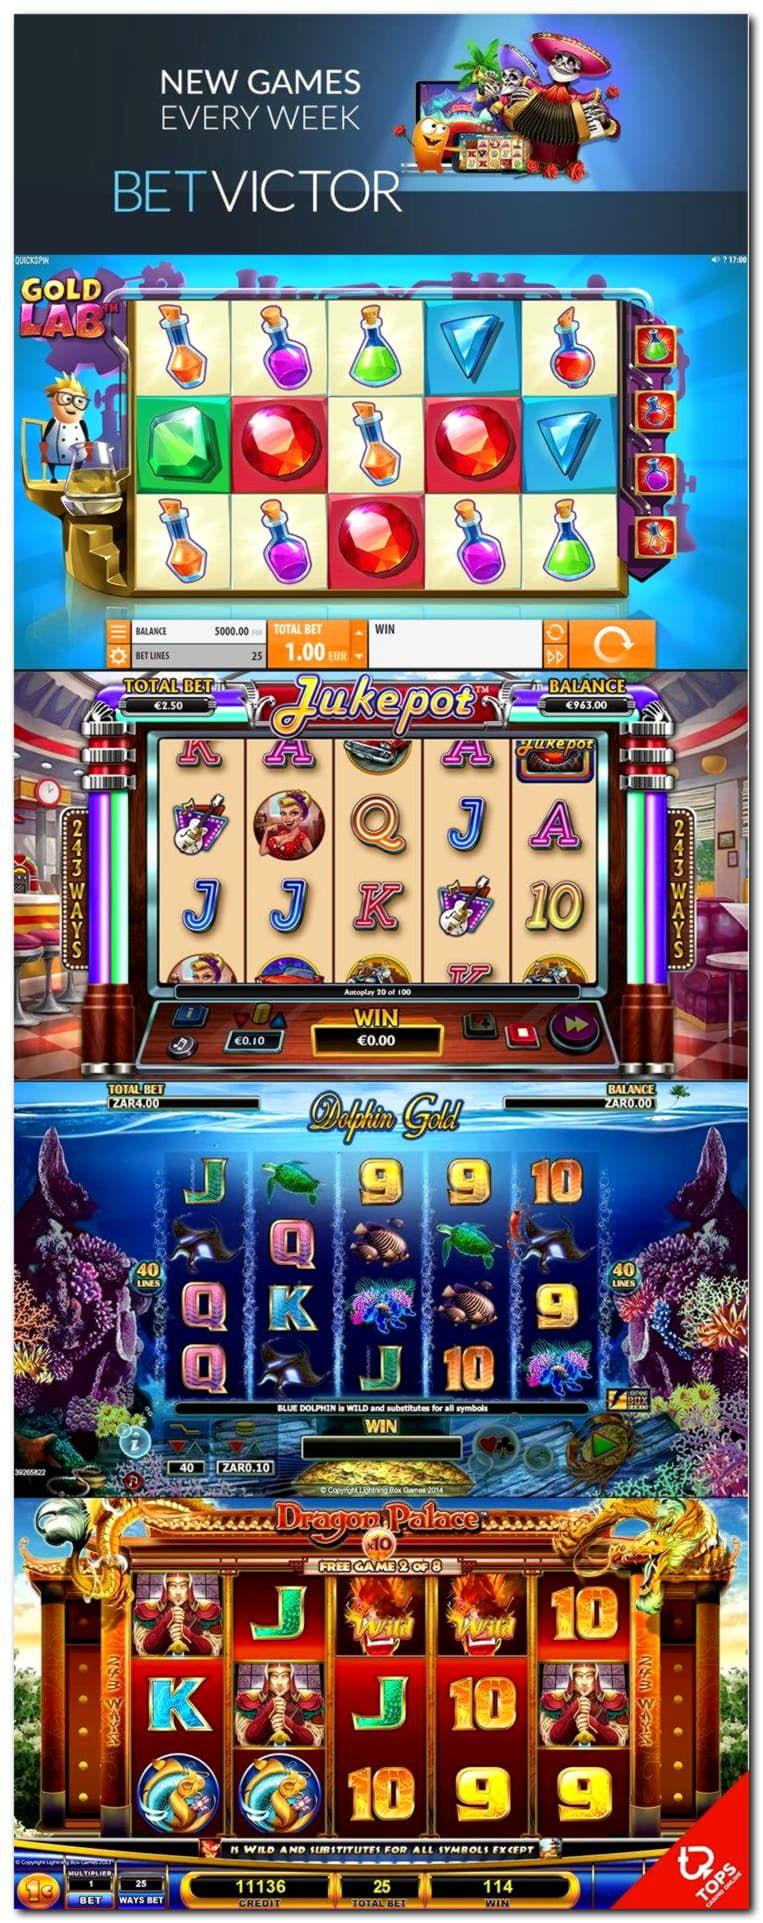 Casino free spilleautomater Energycasino Gelgentliche